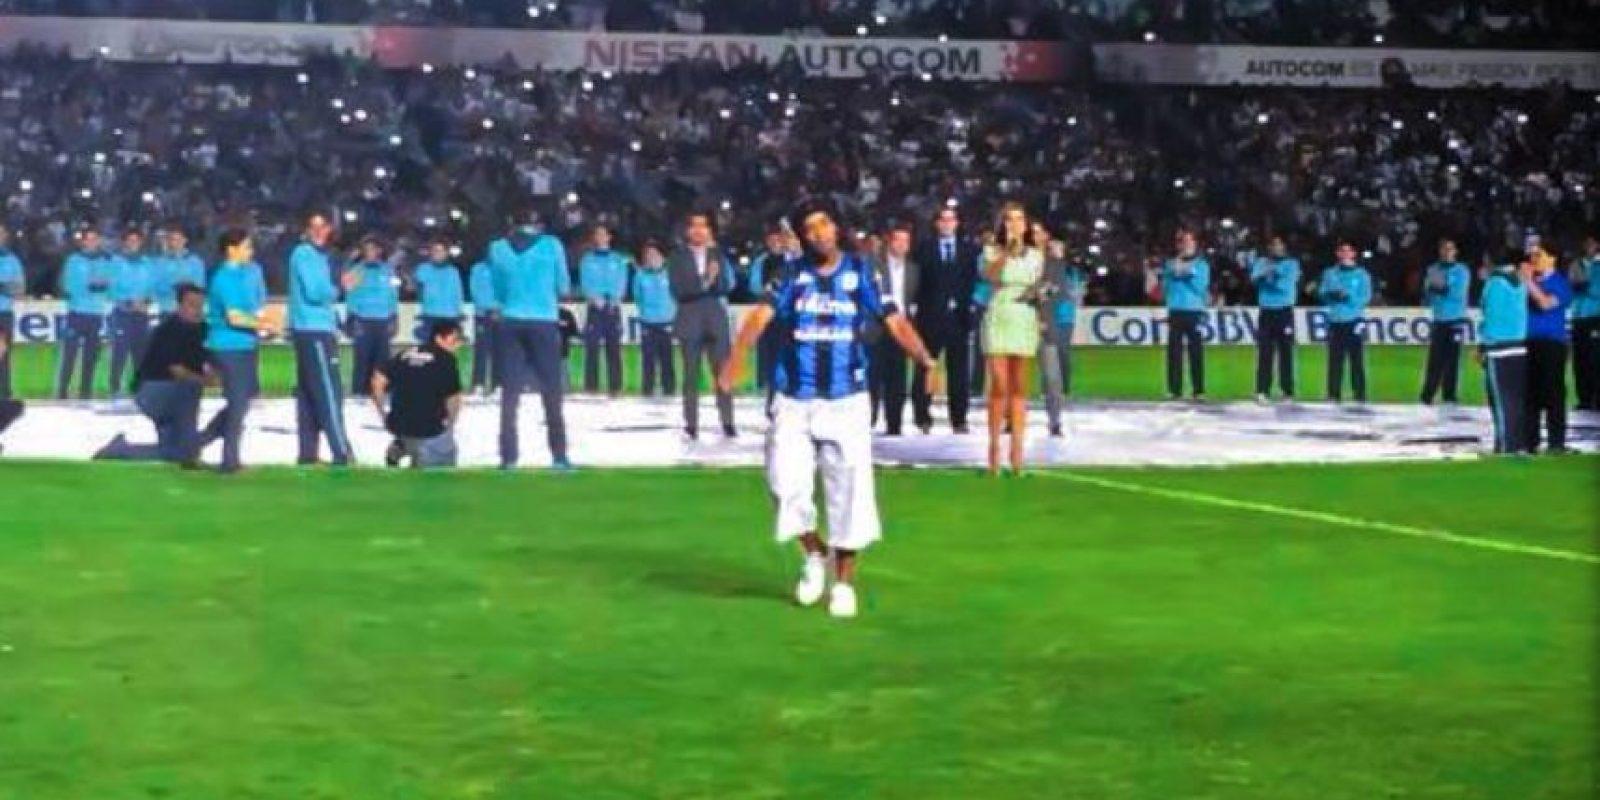 Así lo recibieron en el Estadio de Querétaro, en su presentación Foto:Facebook: Ronaldinho Gaúcho